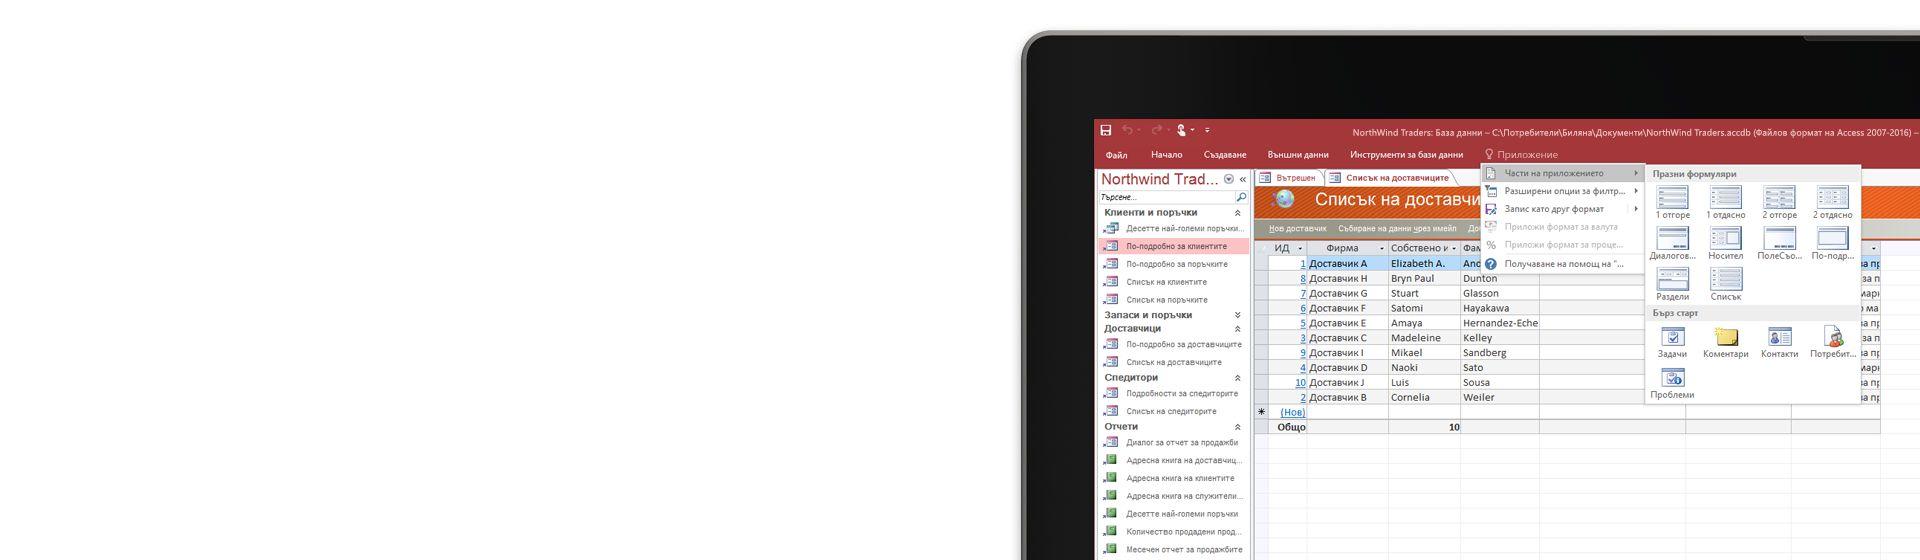 Ъгълът на компютърен екран, на който се вижда списък с доставчици в база данни на Microsoft Access.